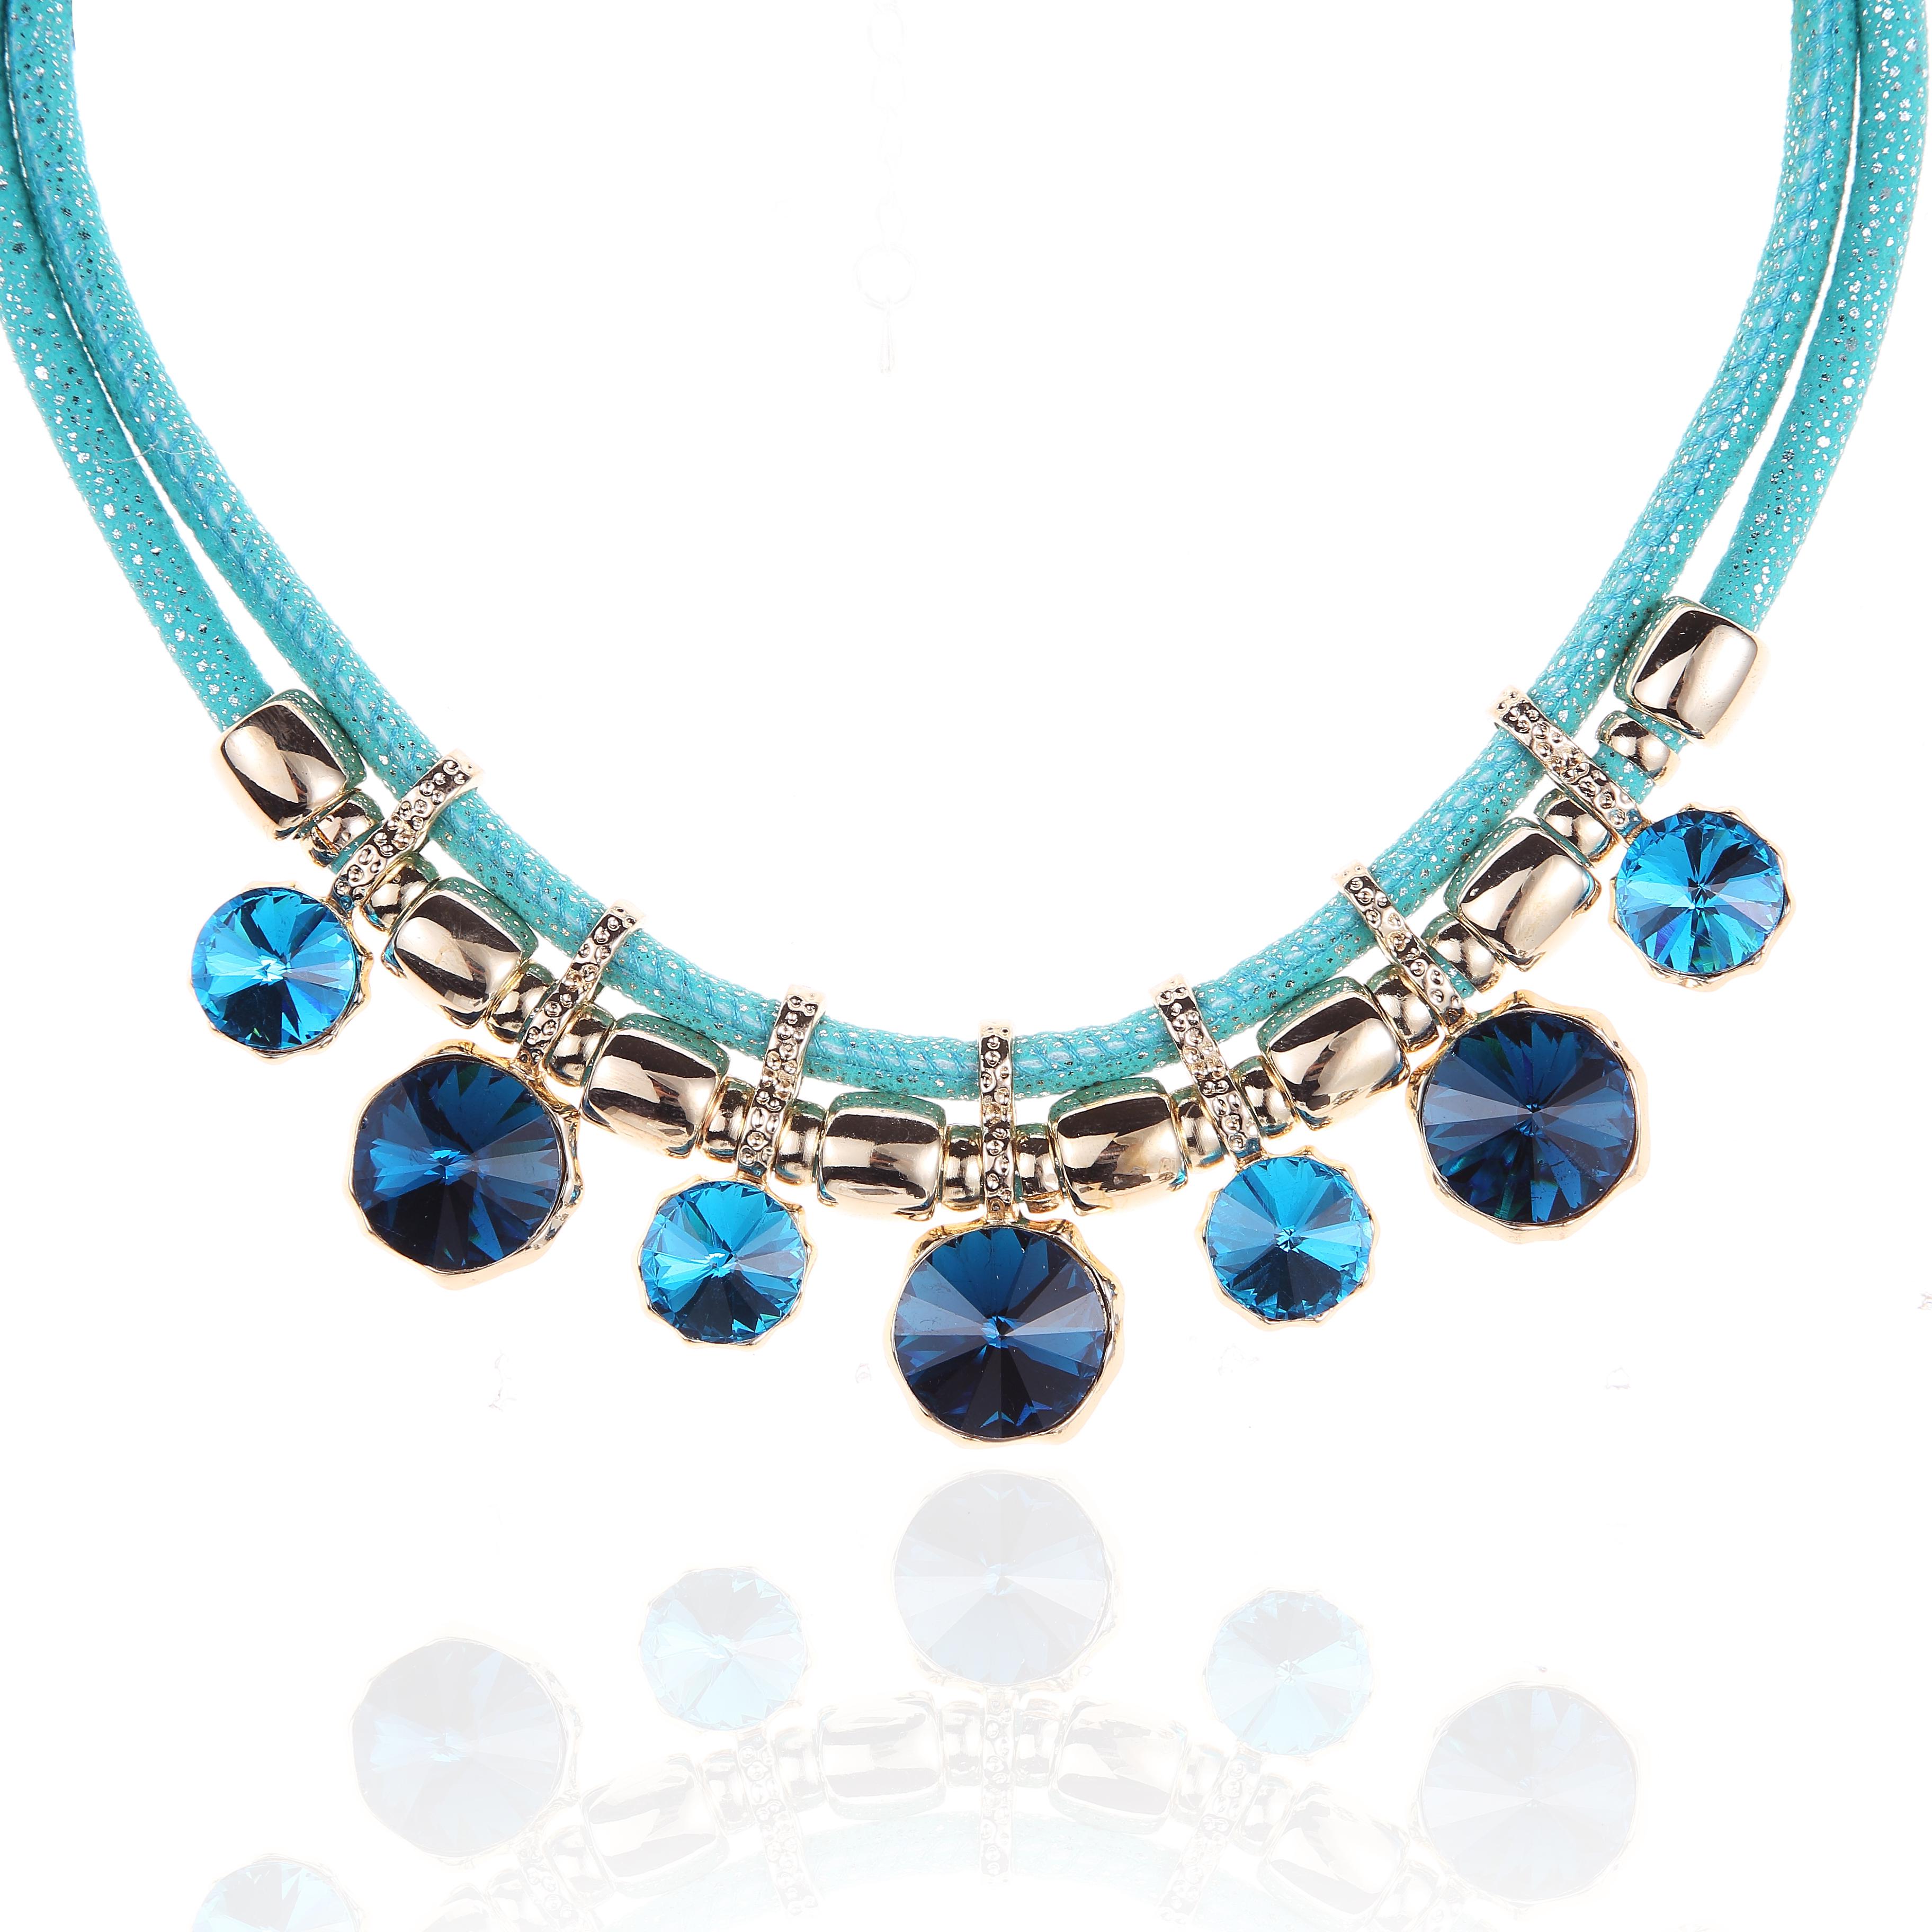 Novadab Cobalt Aqua Artic Corded Statement Necklace